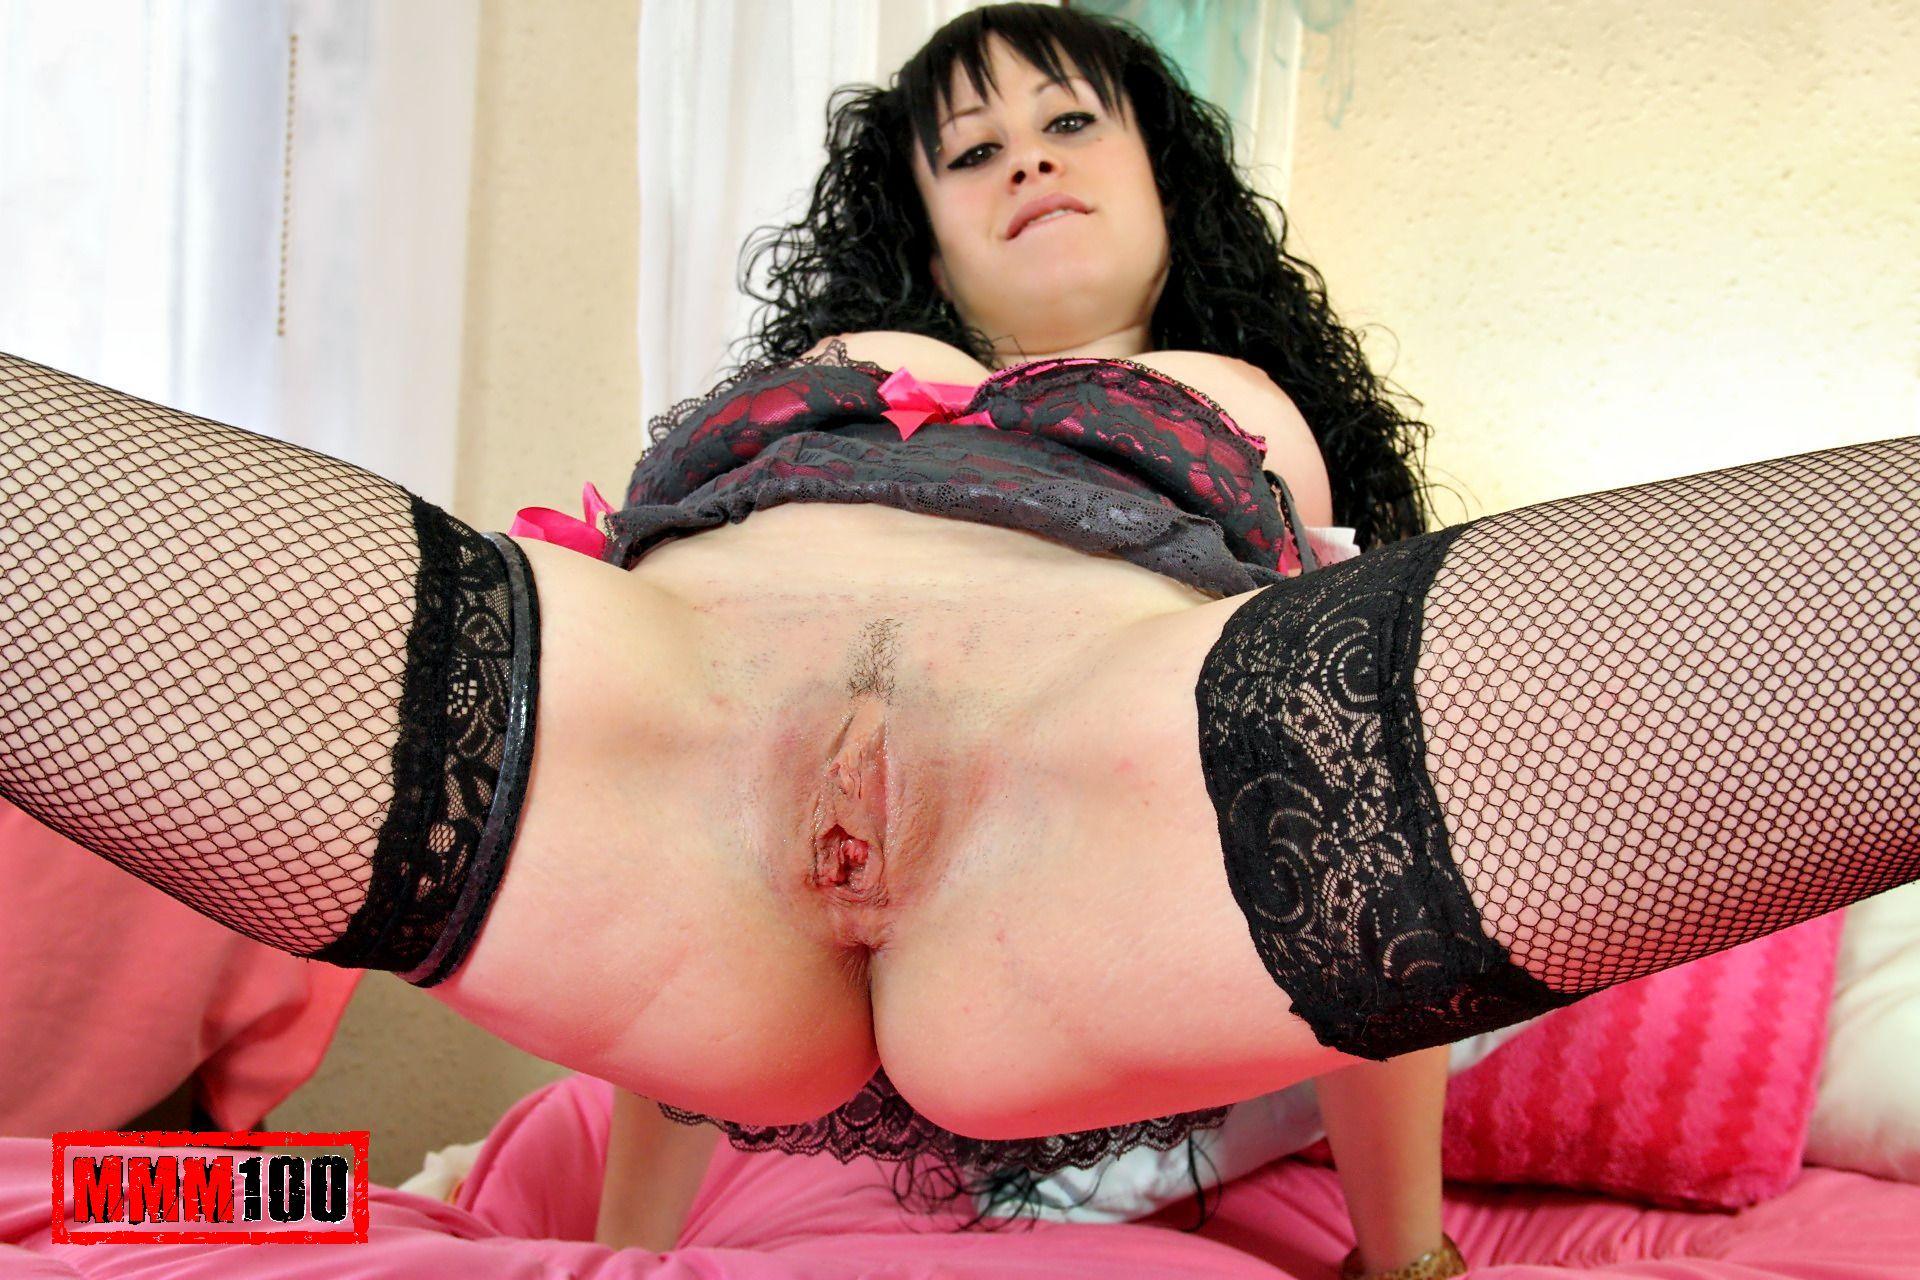 Nadia Da Ferro Porno Online Alluc nadia daferro free sexy photo gallerie